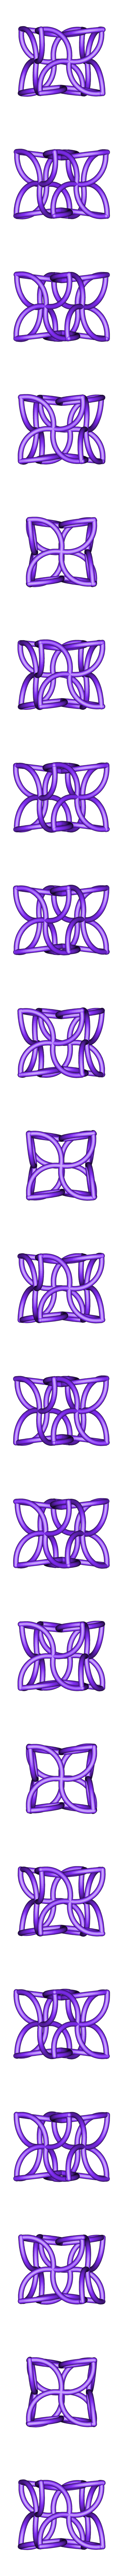 A4_12.stl Télécharger fichier STL gratuit Cellules de l'unité auxiliaire • Objet imprimable en 3D, sjpiper145